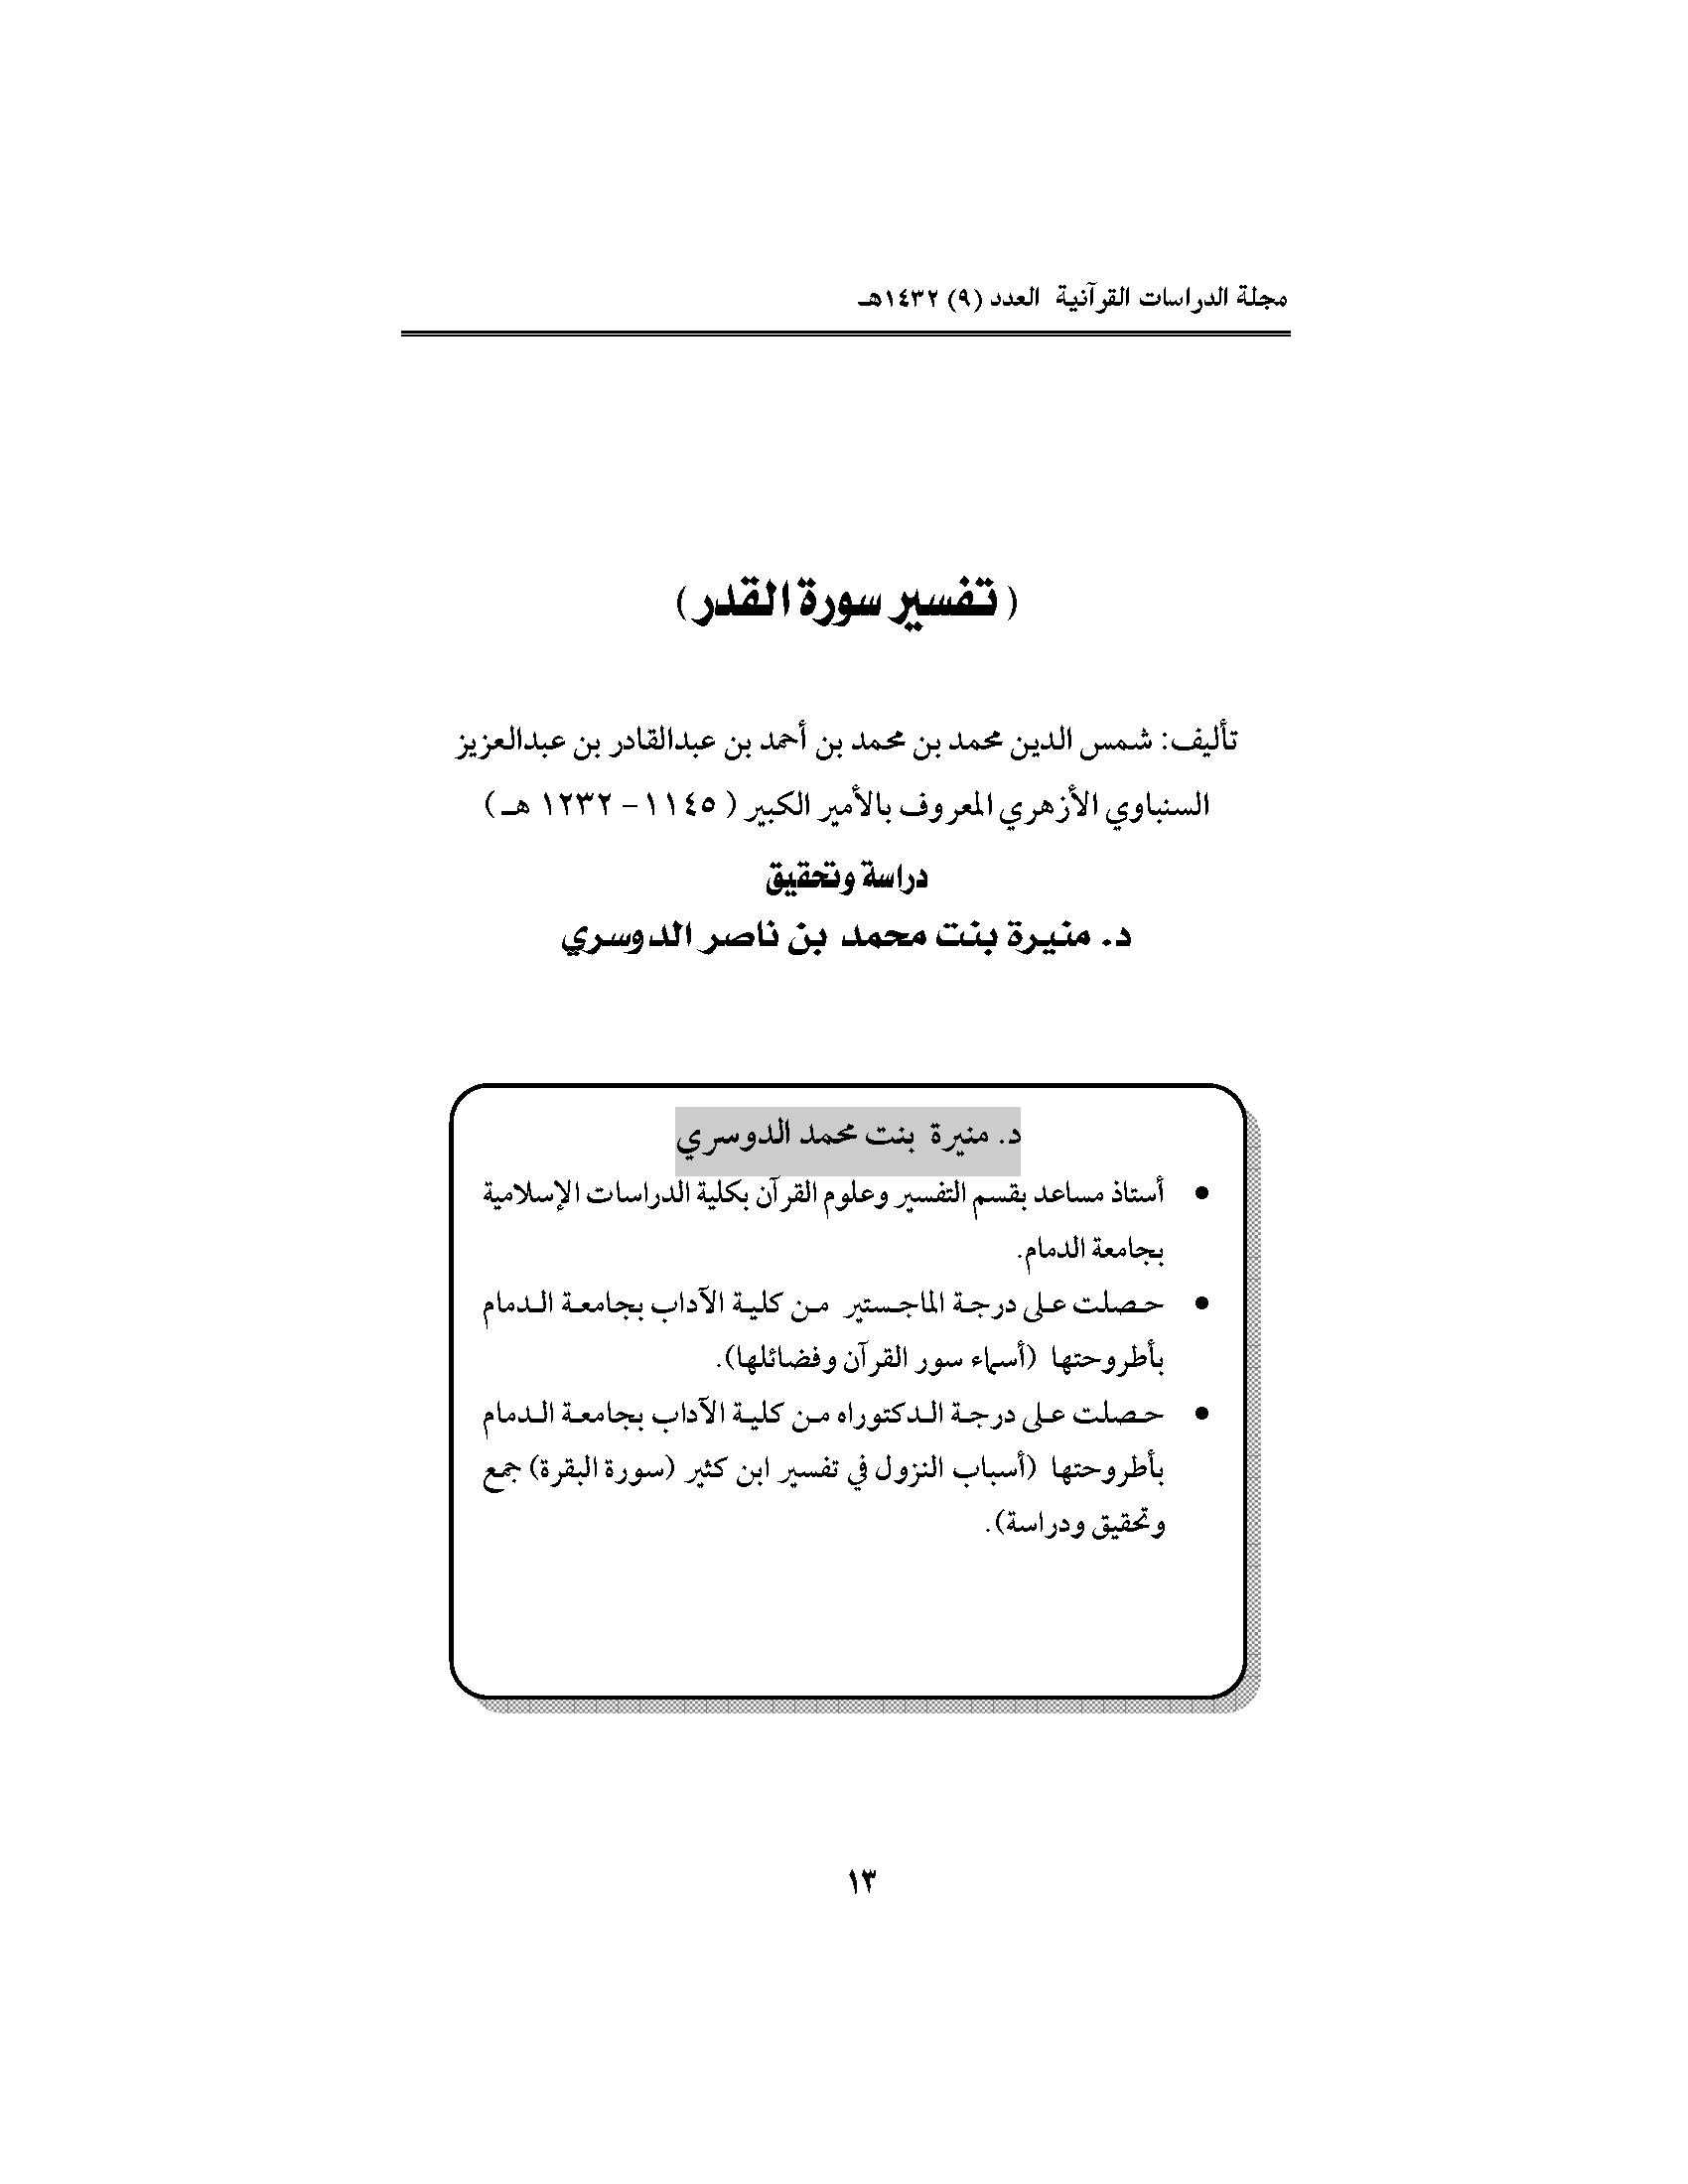 تحميل كتاب تفسير سورة القدر (السنباوي) لـِ: الشيخ محمد بن محمد بن أحمد بن عبد القادر السنباوي المالكي، الشهير بالأمير (ت 1232)